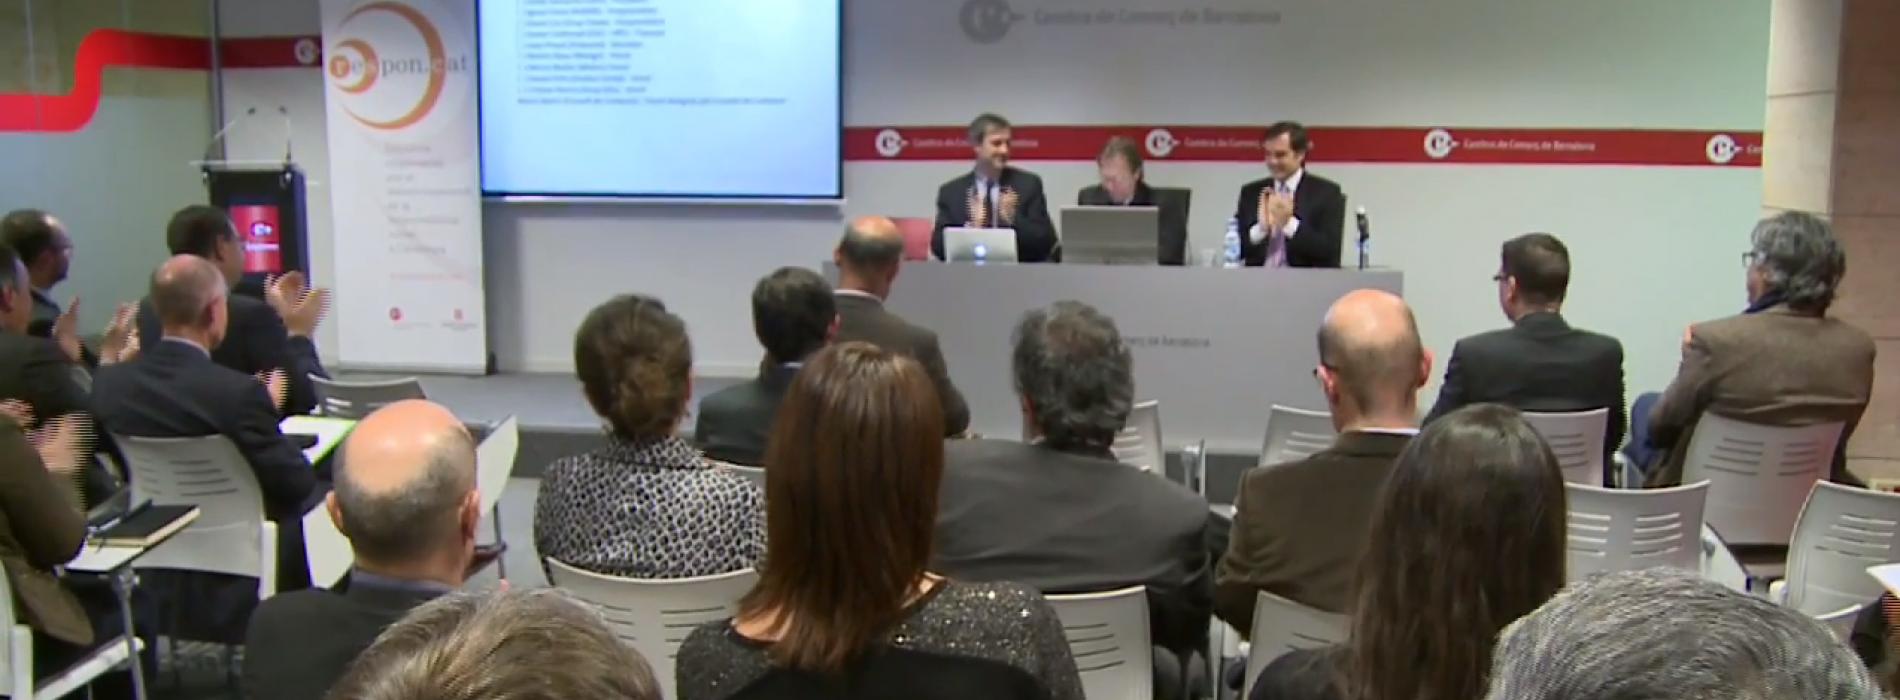 36 empresas crean Respon.cat para fomentar la Responsabilidad Empresarial en Cataluña